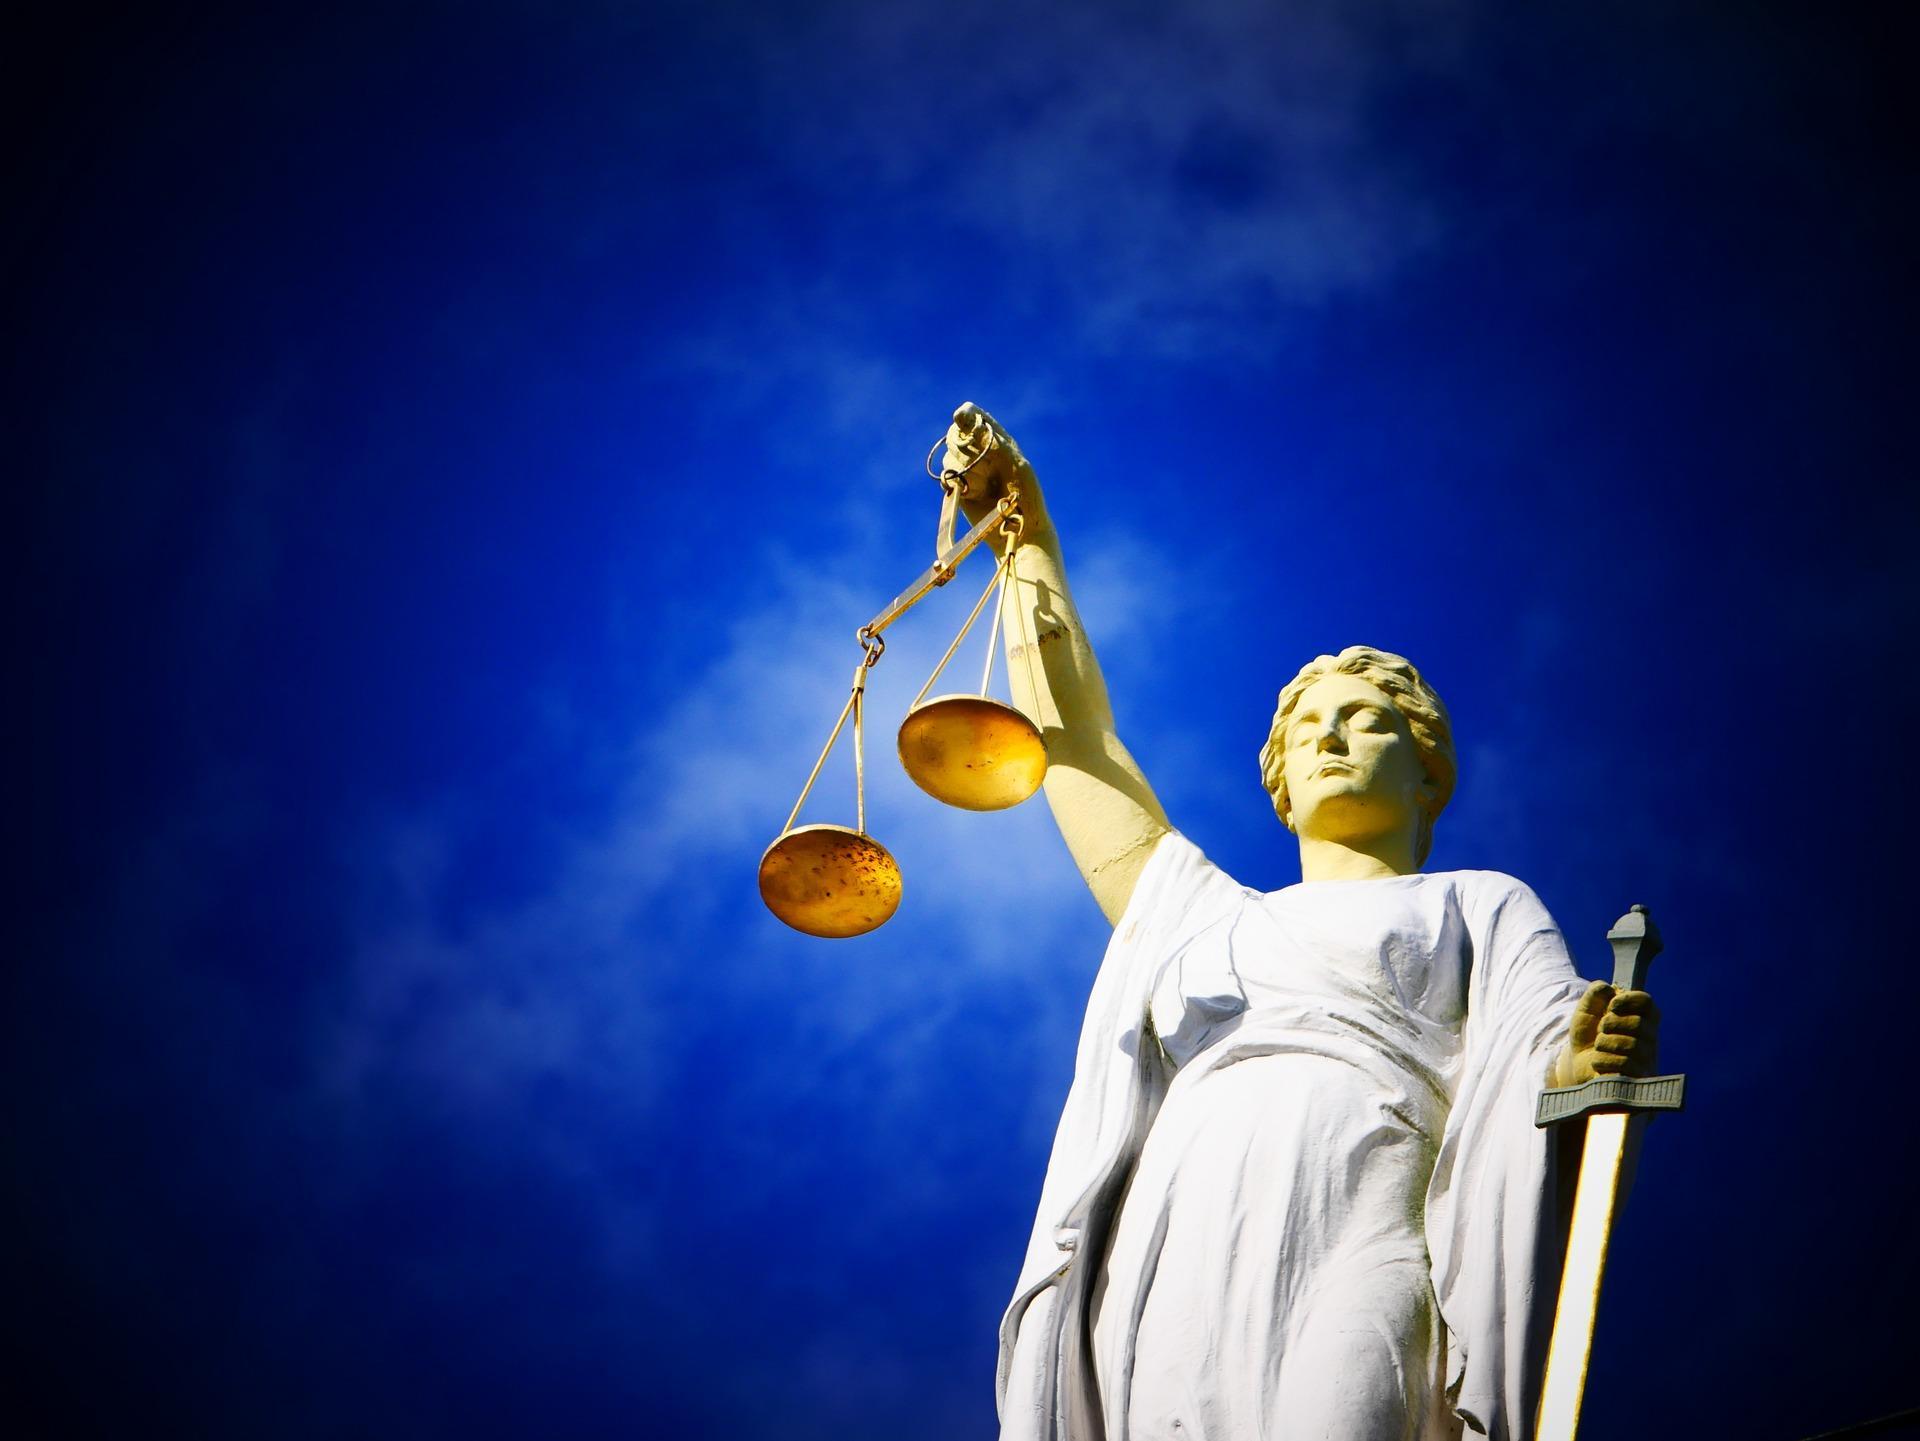 Zes maanden cel voor vergallen liefdesleven Leidse ex-vriendin